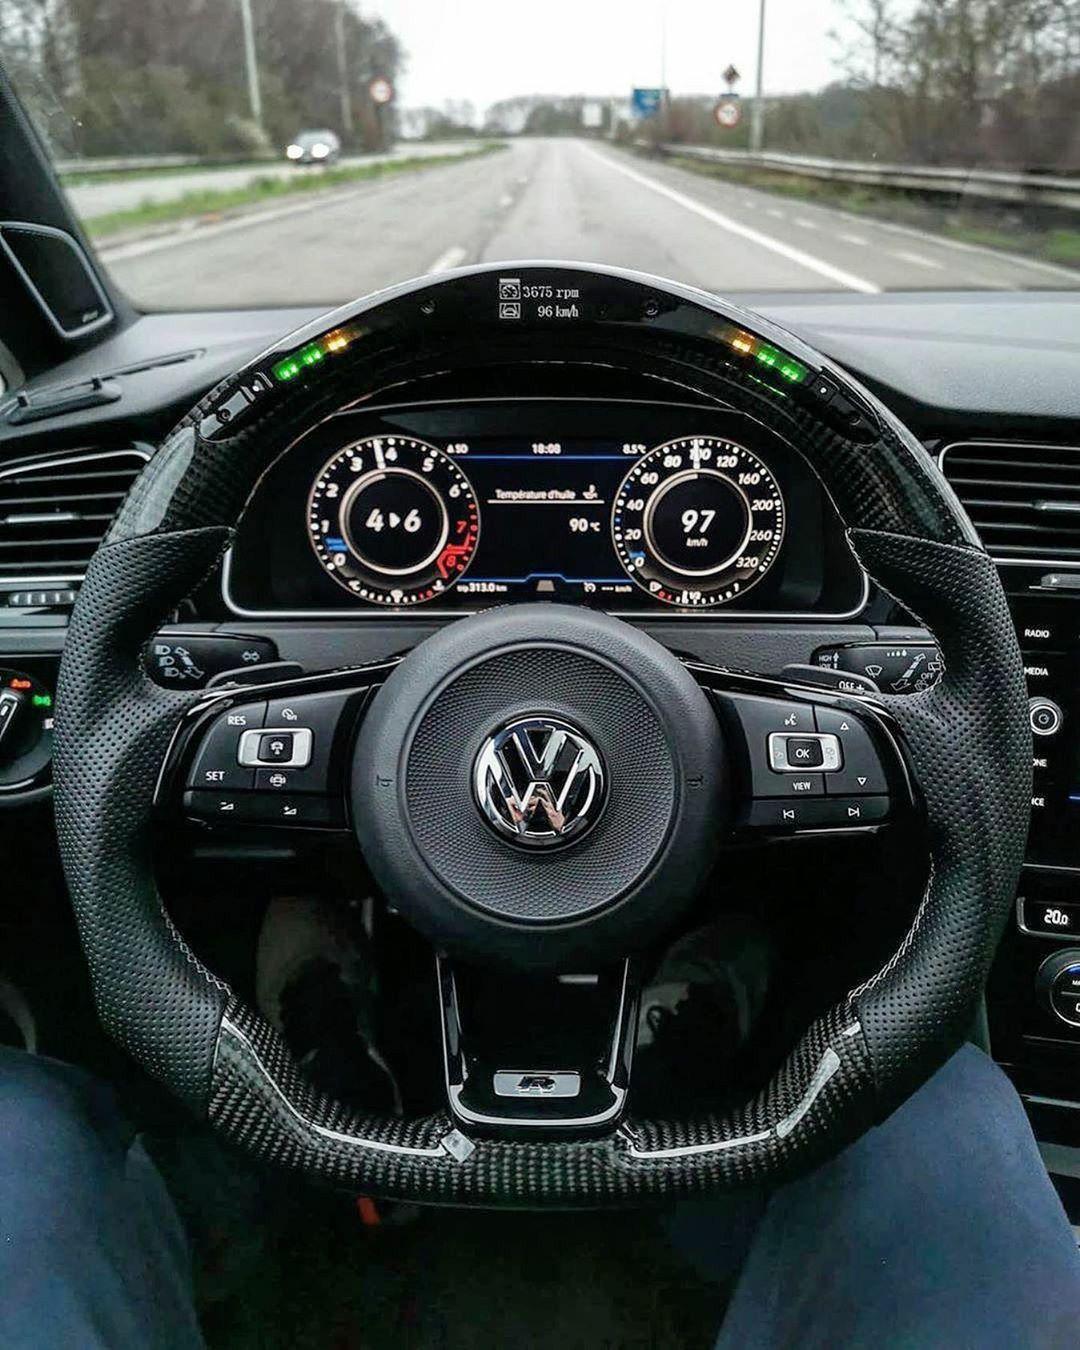 Pin De Andrei Bogdan Em Cars Em 2020 Carros De Luxo Motos De Rua Super Carros